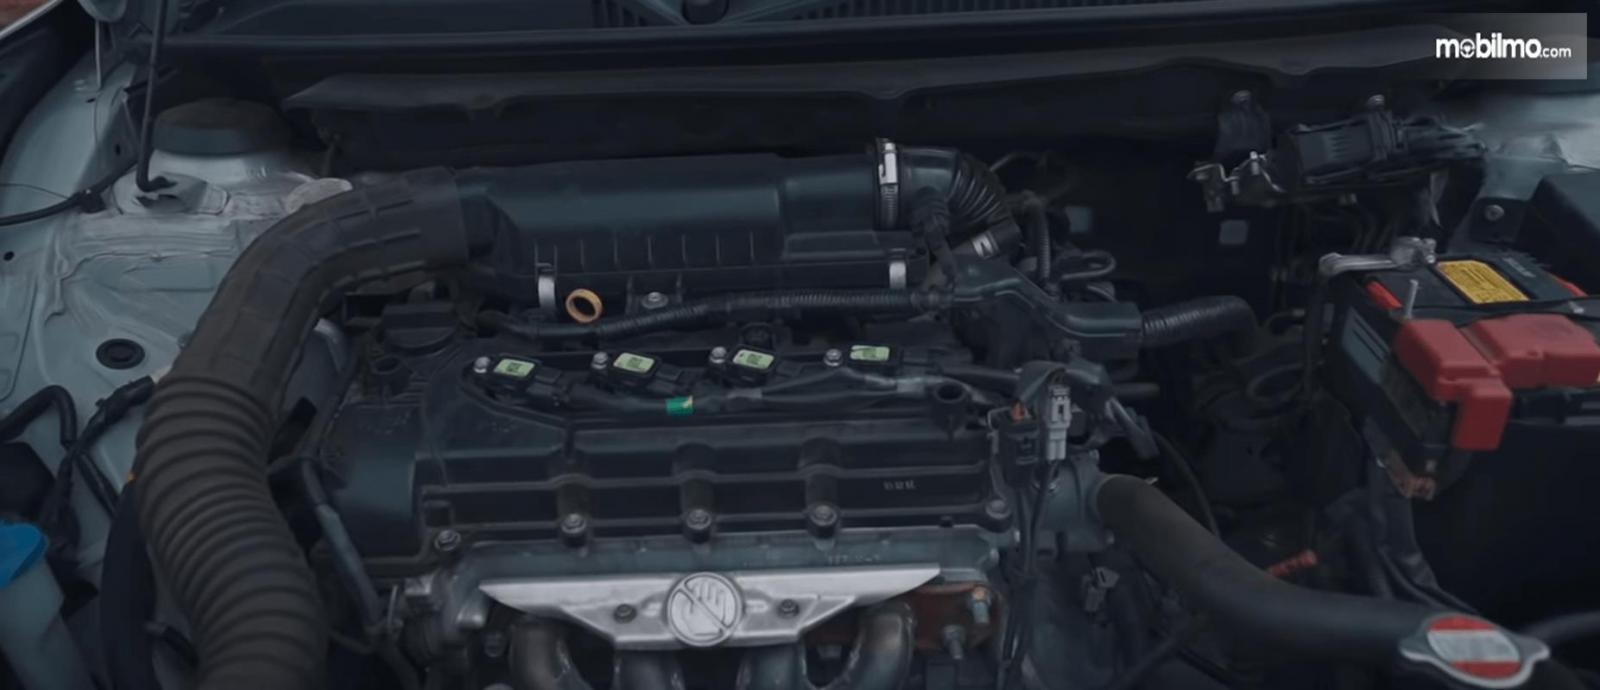 Gambar ini menunjukkan mesin mobil Suzuki Baleno Hatchback AT 2018